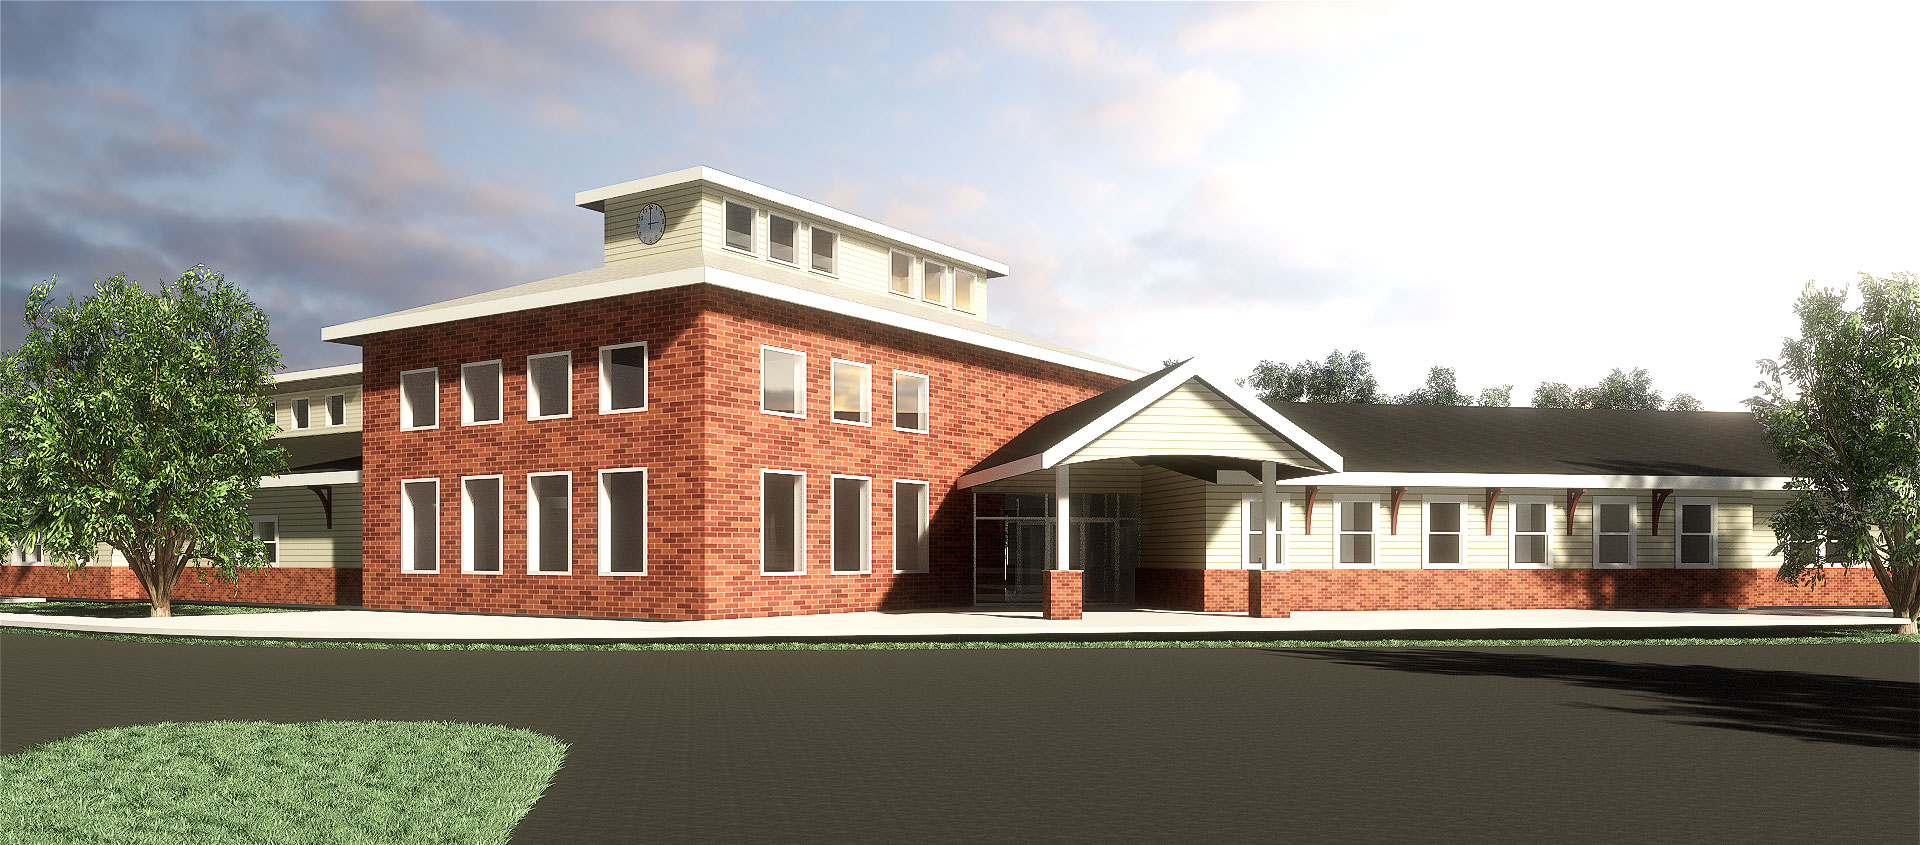 New construction daycare facility deleware